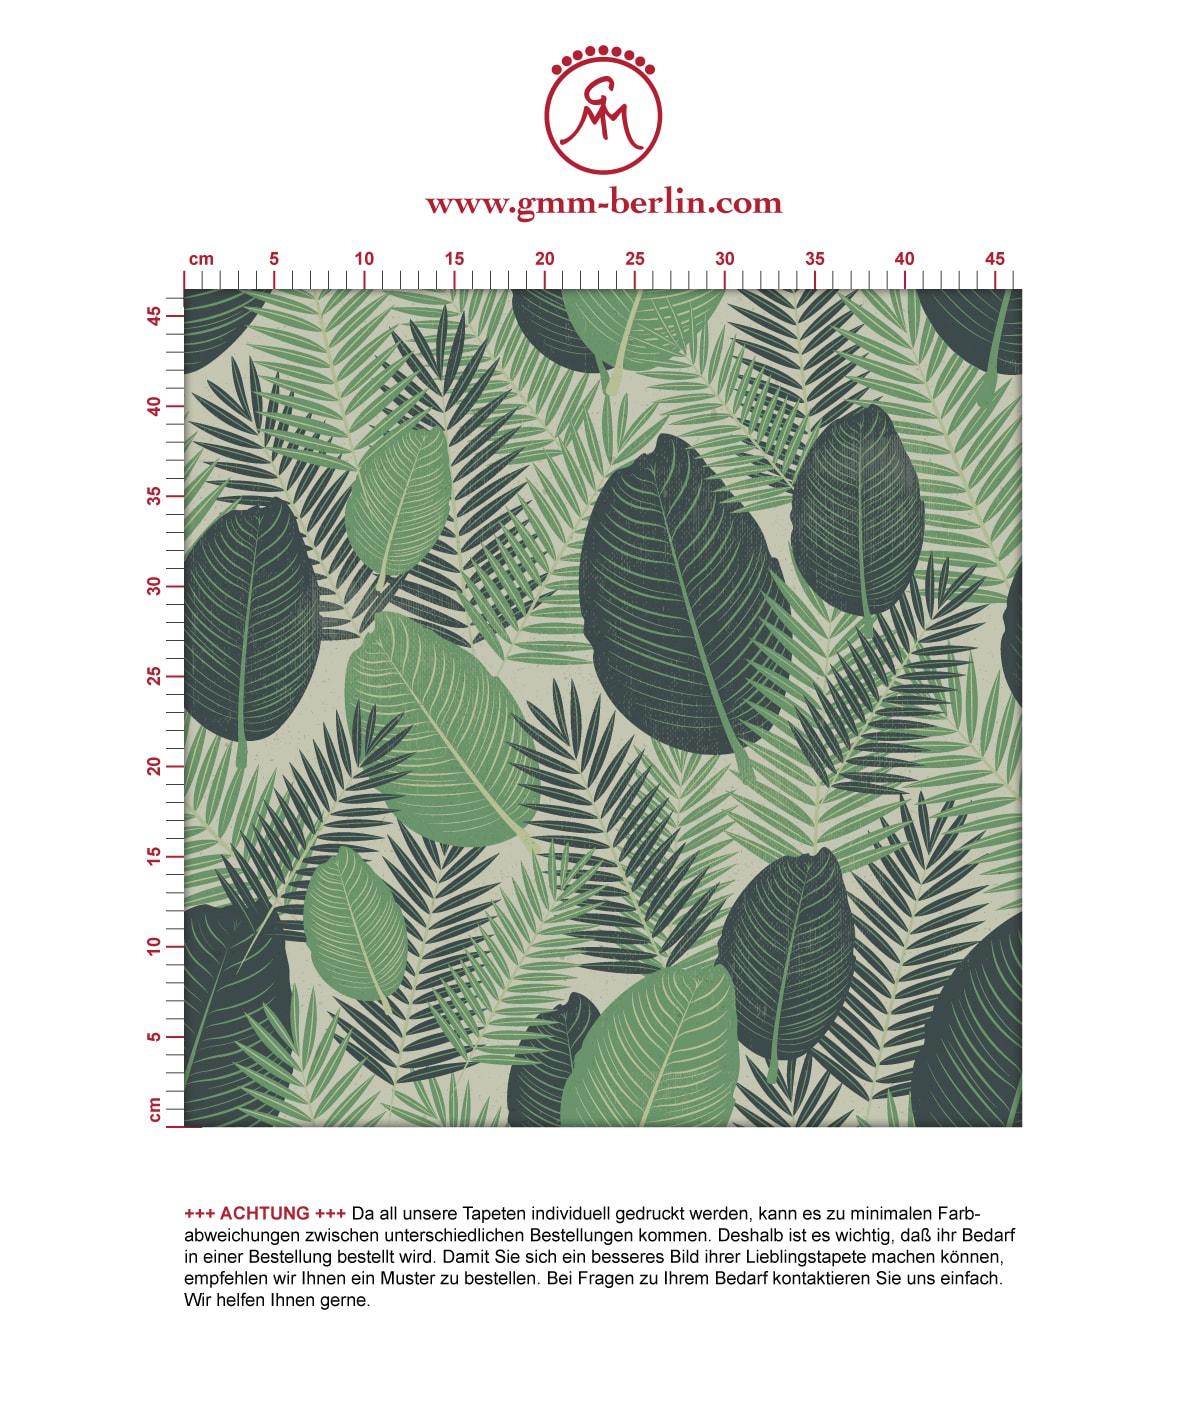 Grüne Dschungel Tapete mit großen Blättern, exotische Vlies-Tapete Natur, moderner Wohnakzent für Schlafzimmer. Aus dem GMM-BERLIN.com Sortiment: Schöne Tapeten in der Farbe: grün